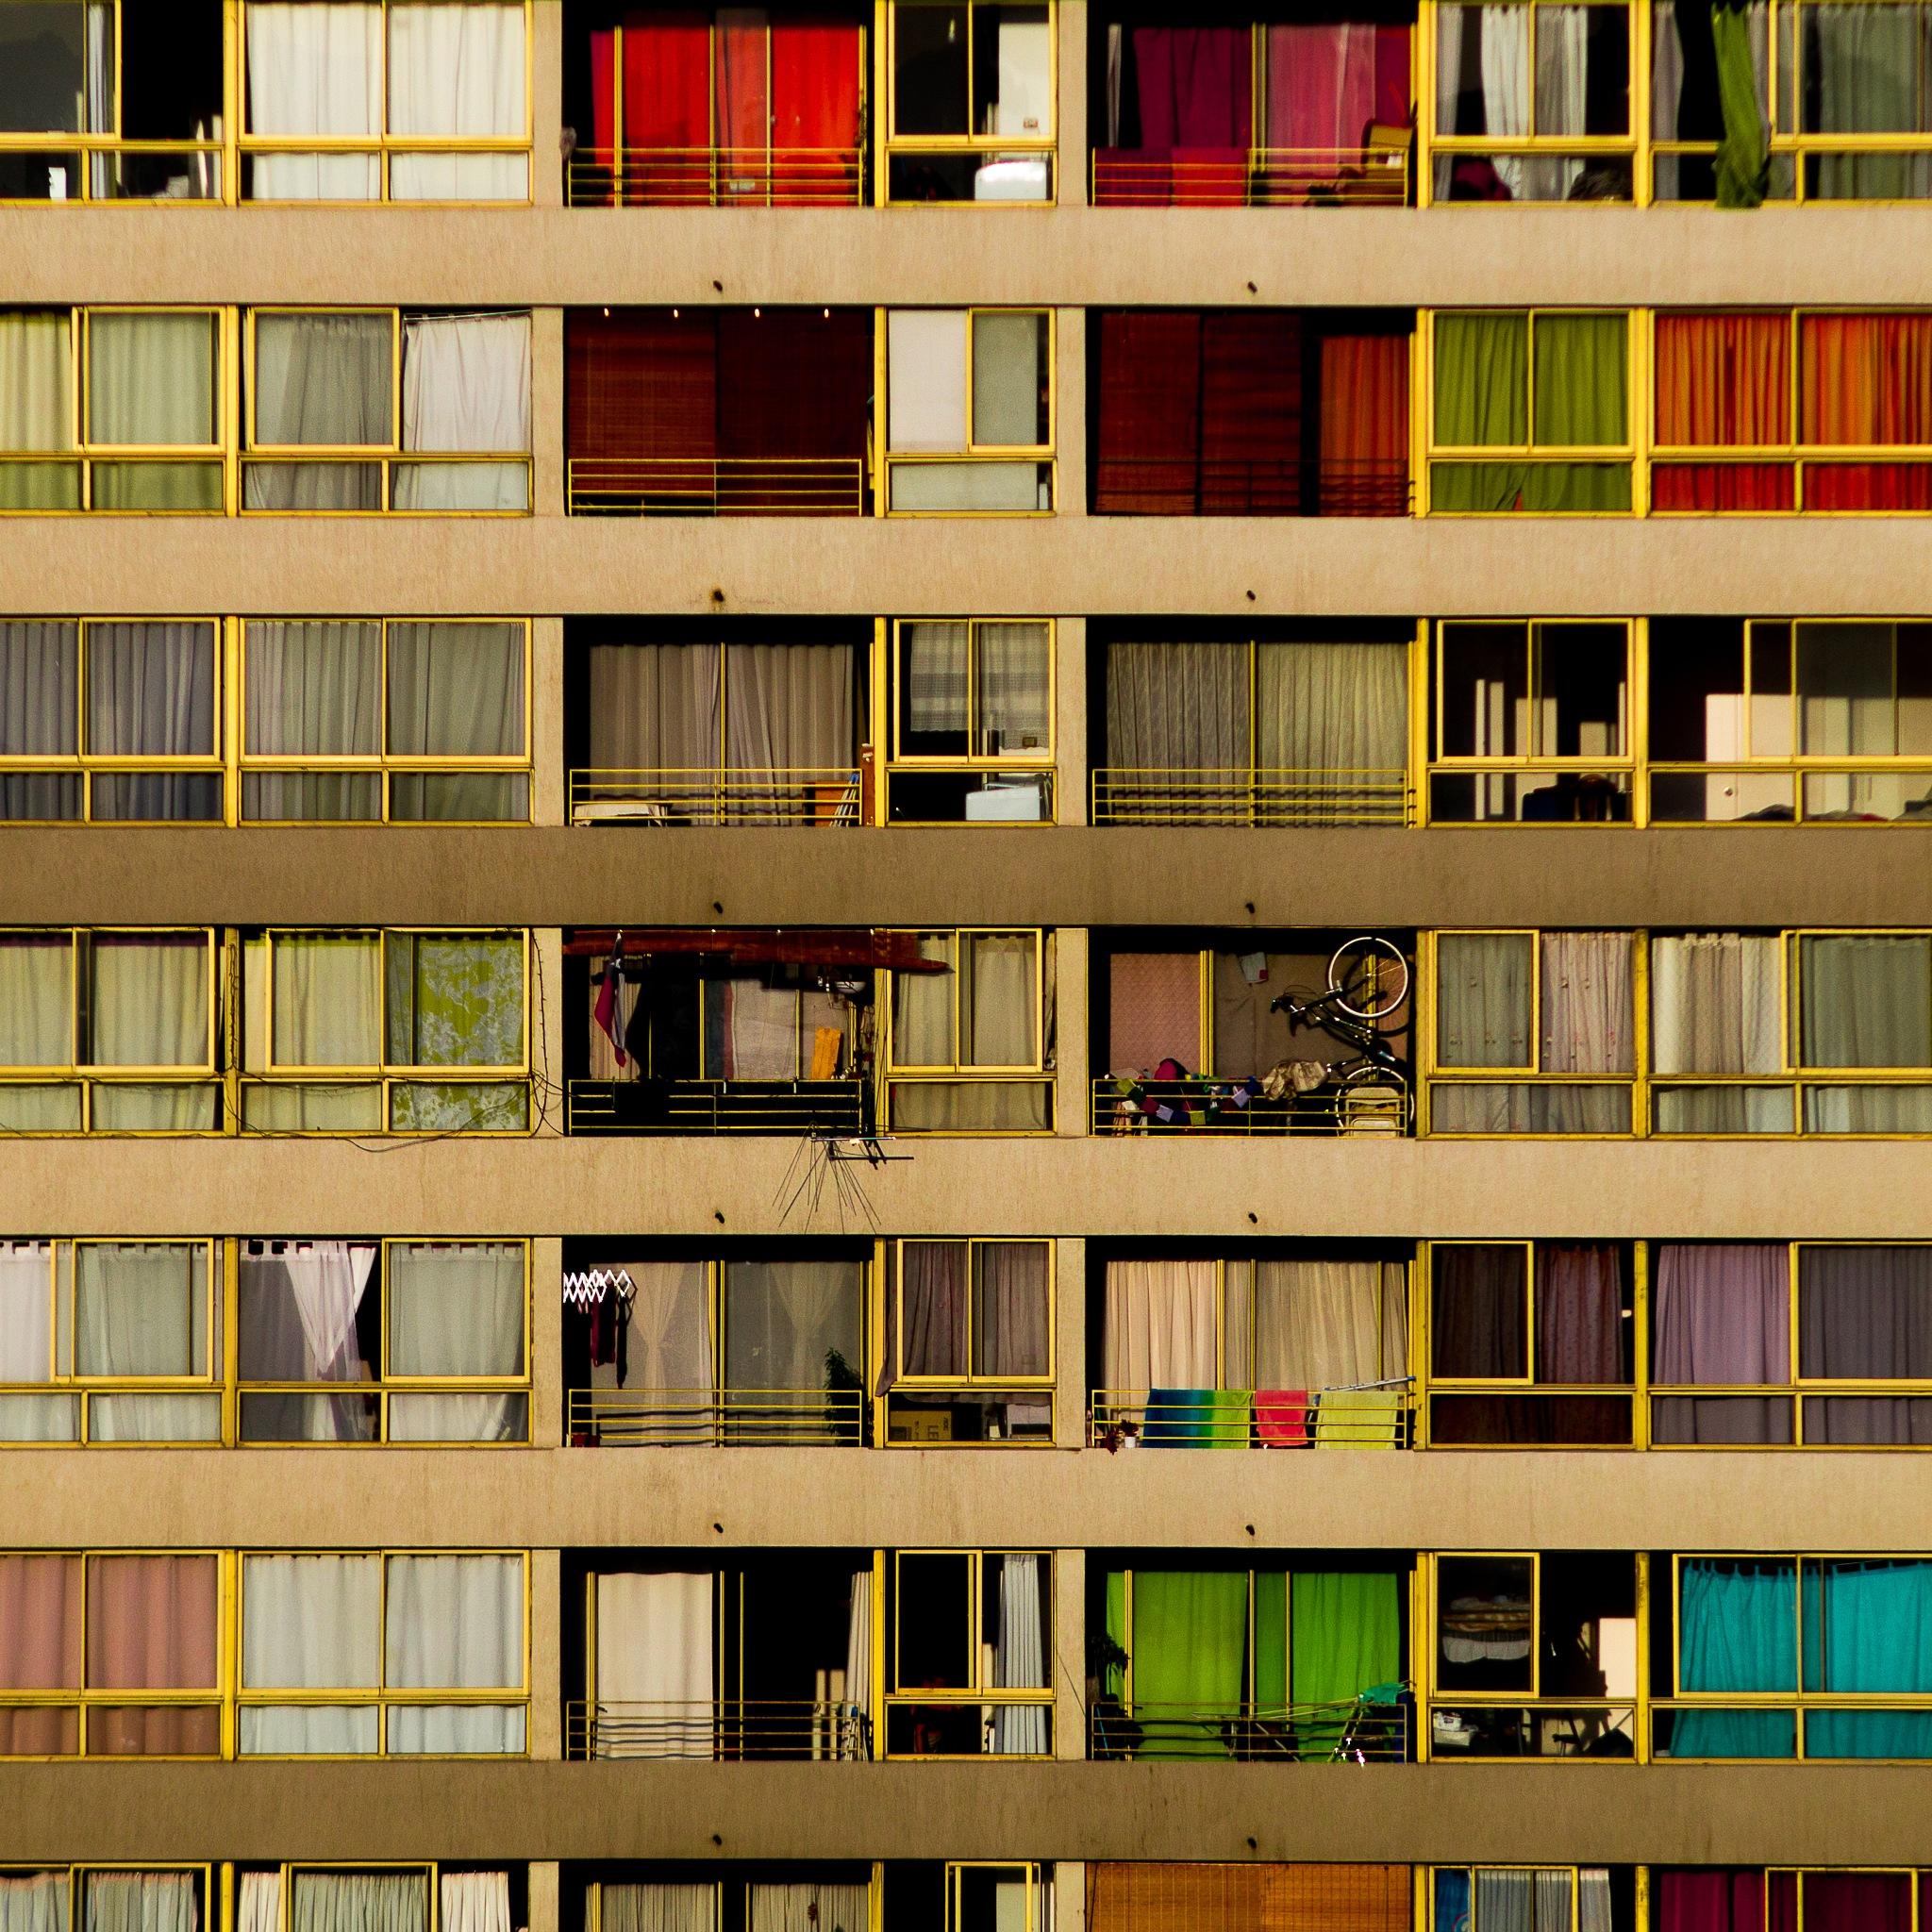 Modern Life by wlaedimir